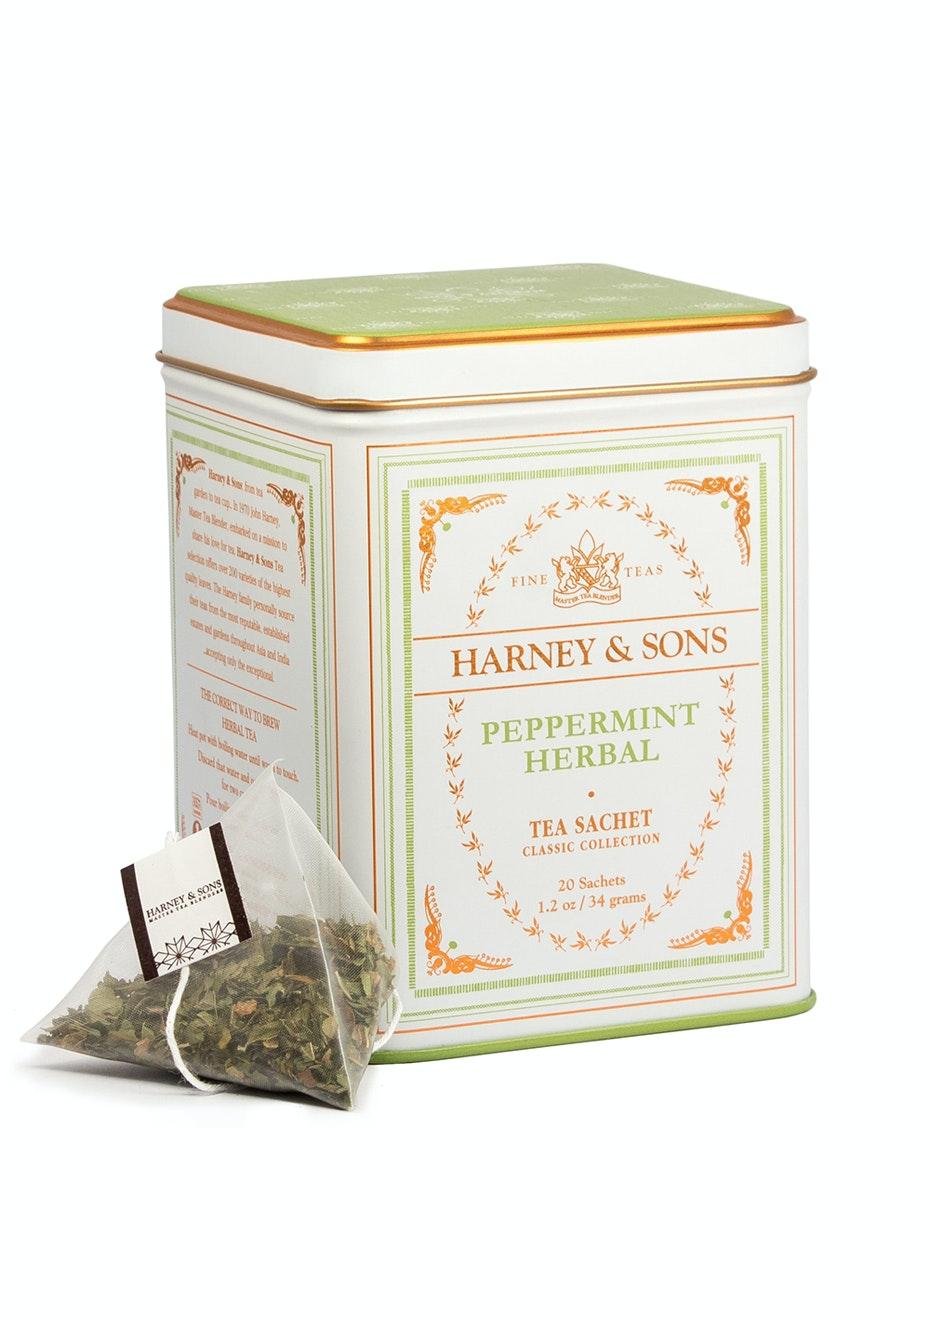 Harney & Sons - Peppermint Herbal - 20 Sachet Tin